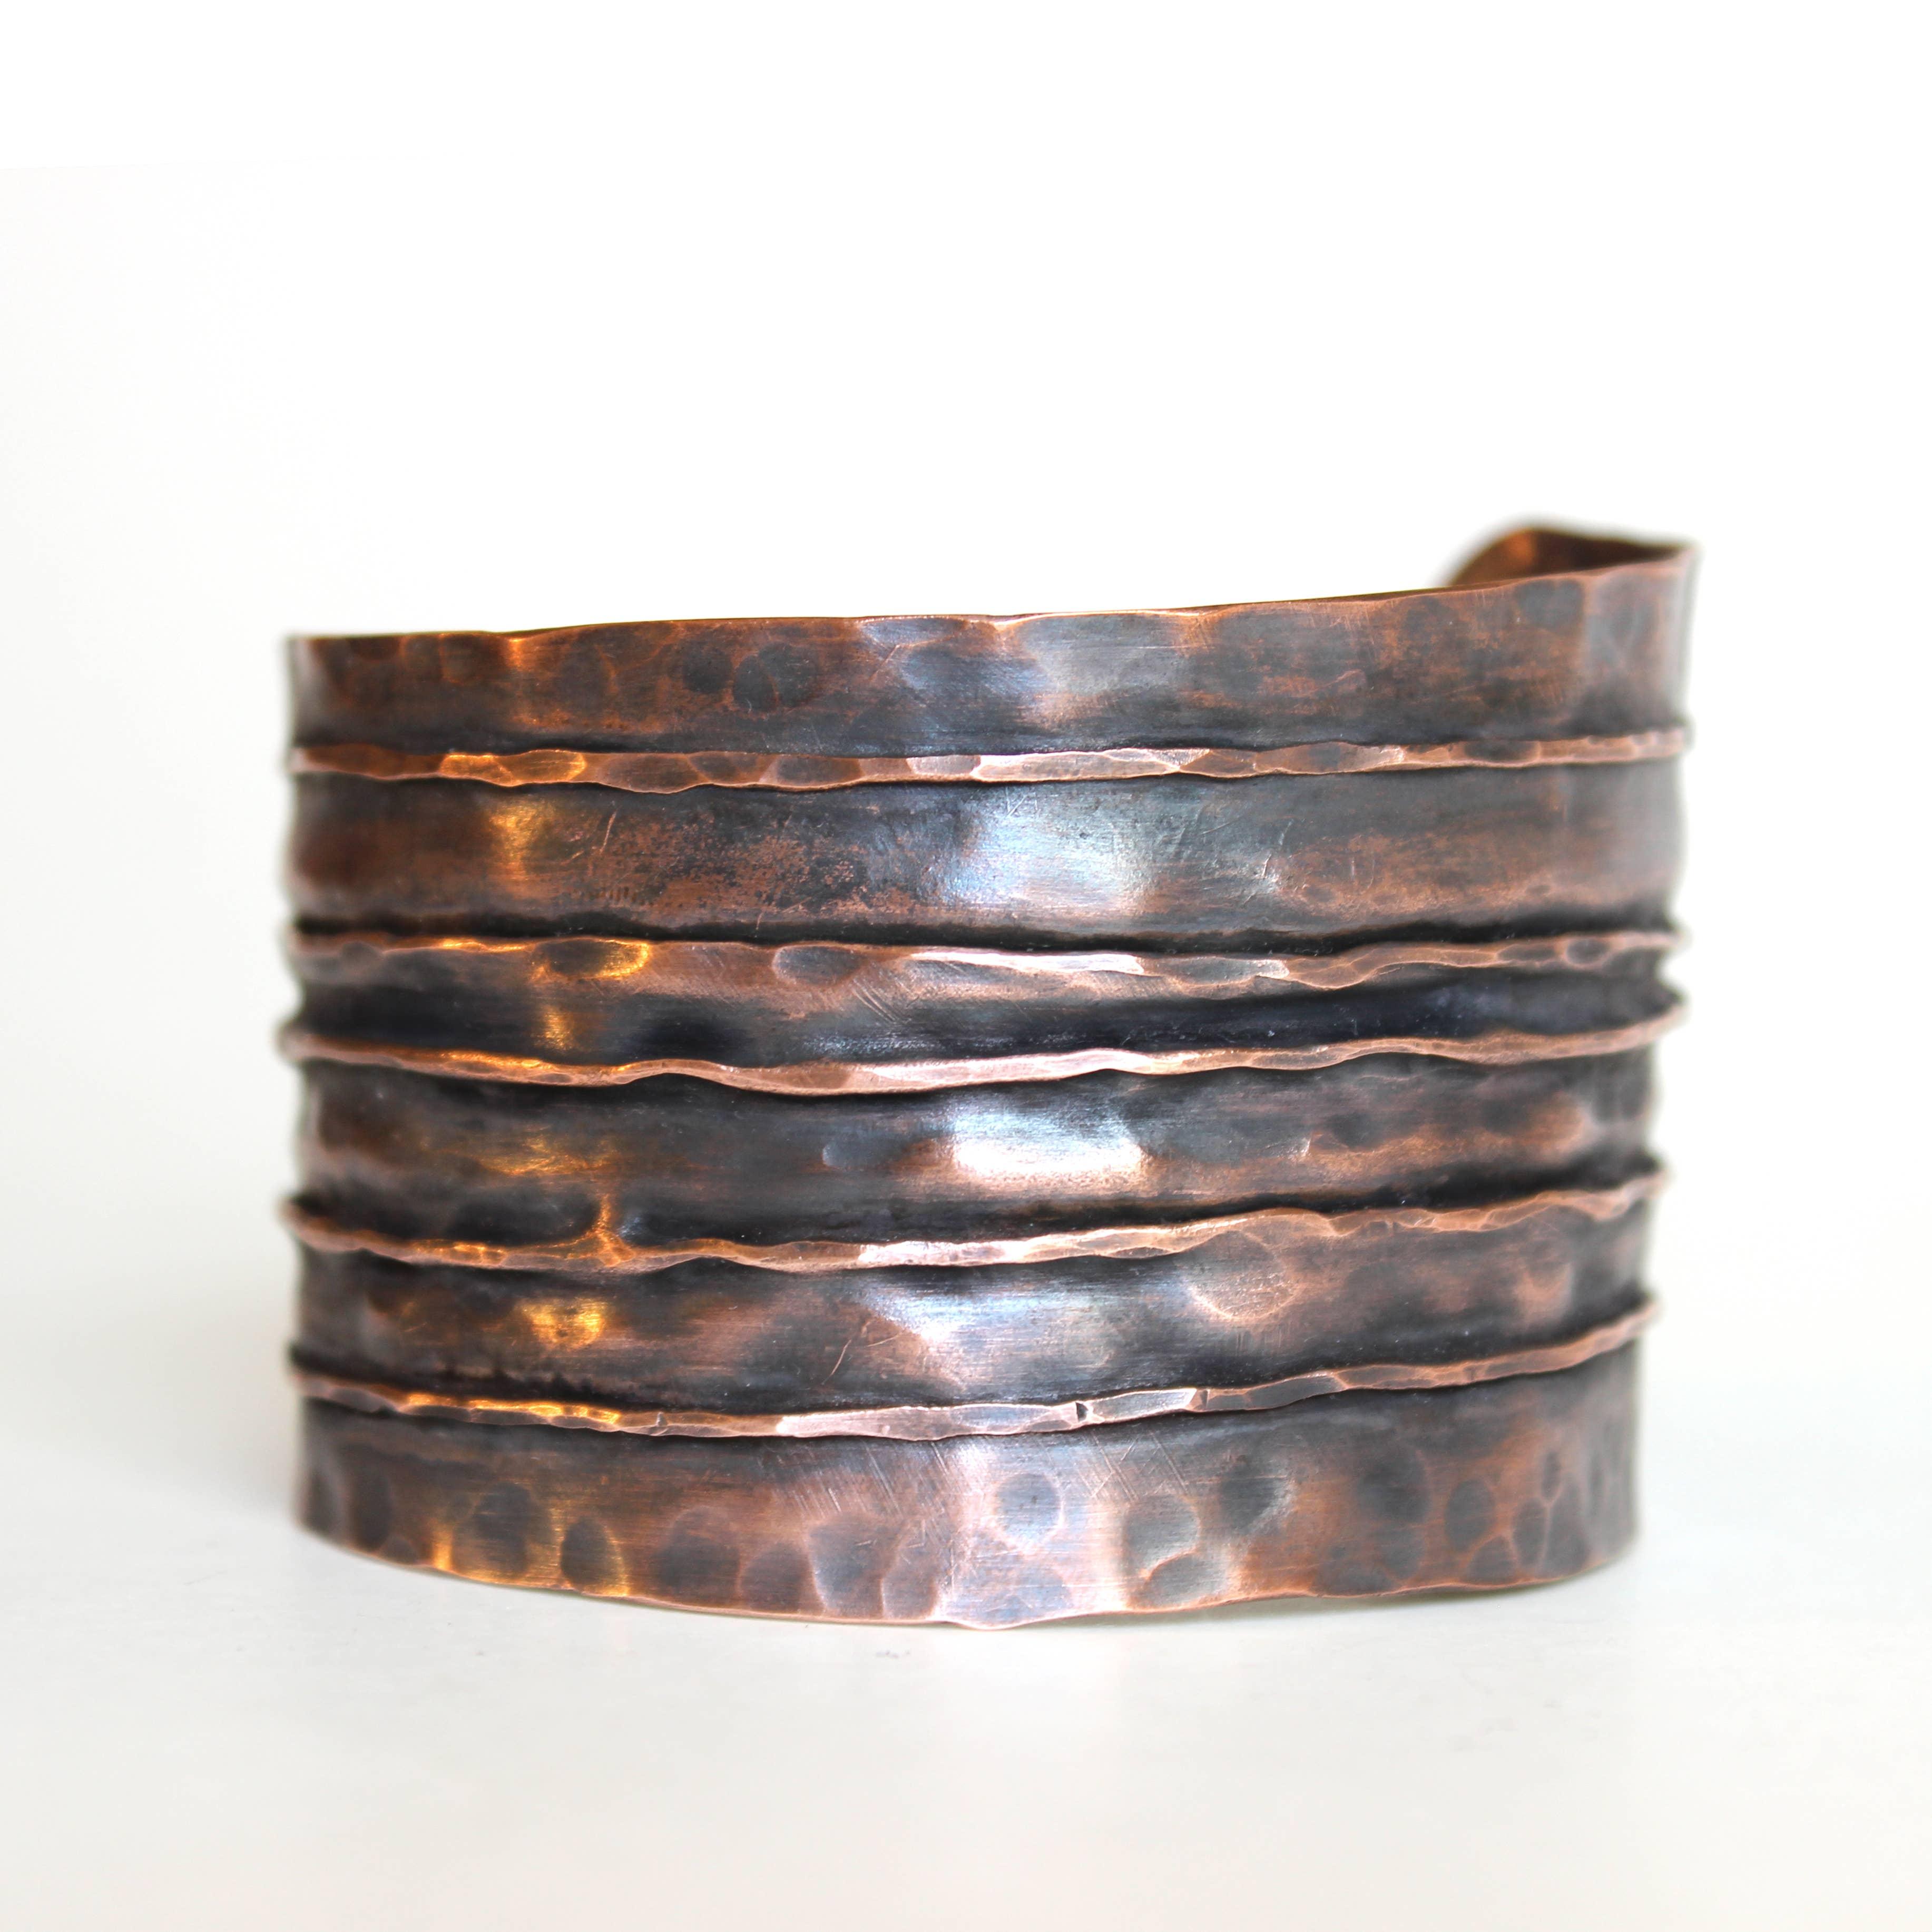 The Leather Wide Copper Cuff | Trada Marketplace